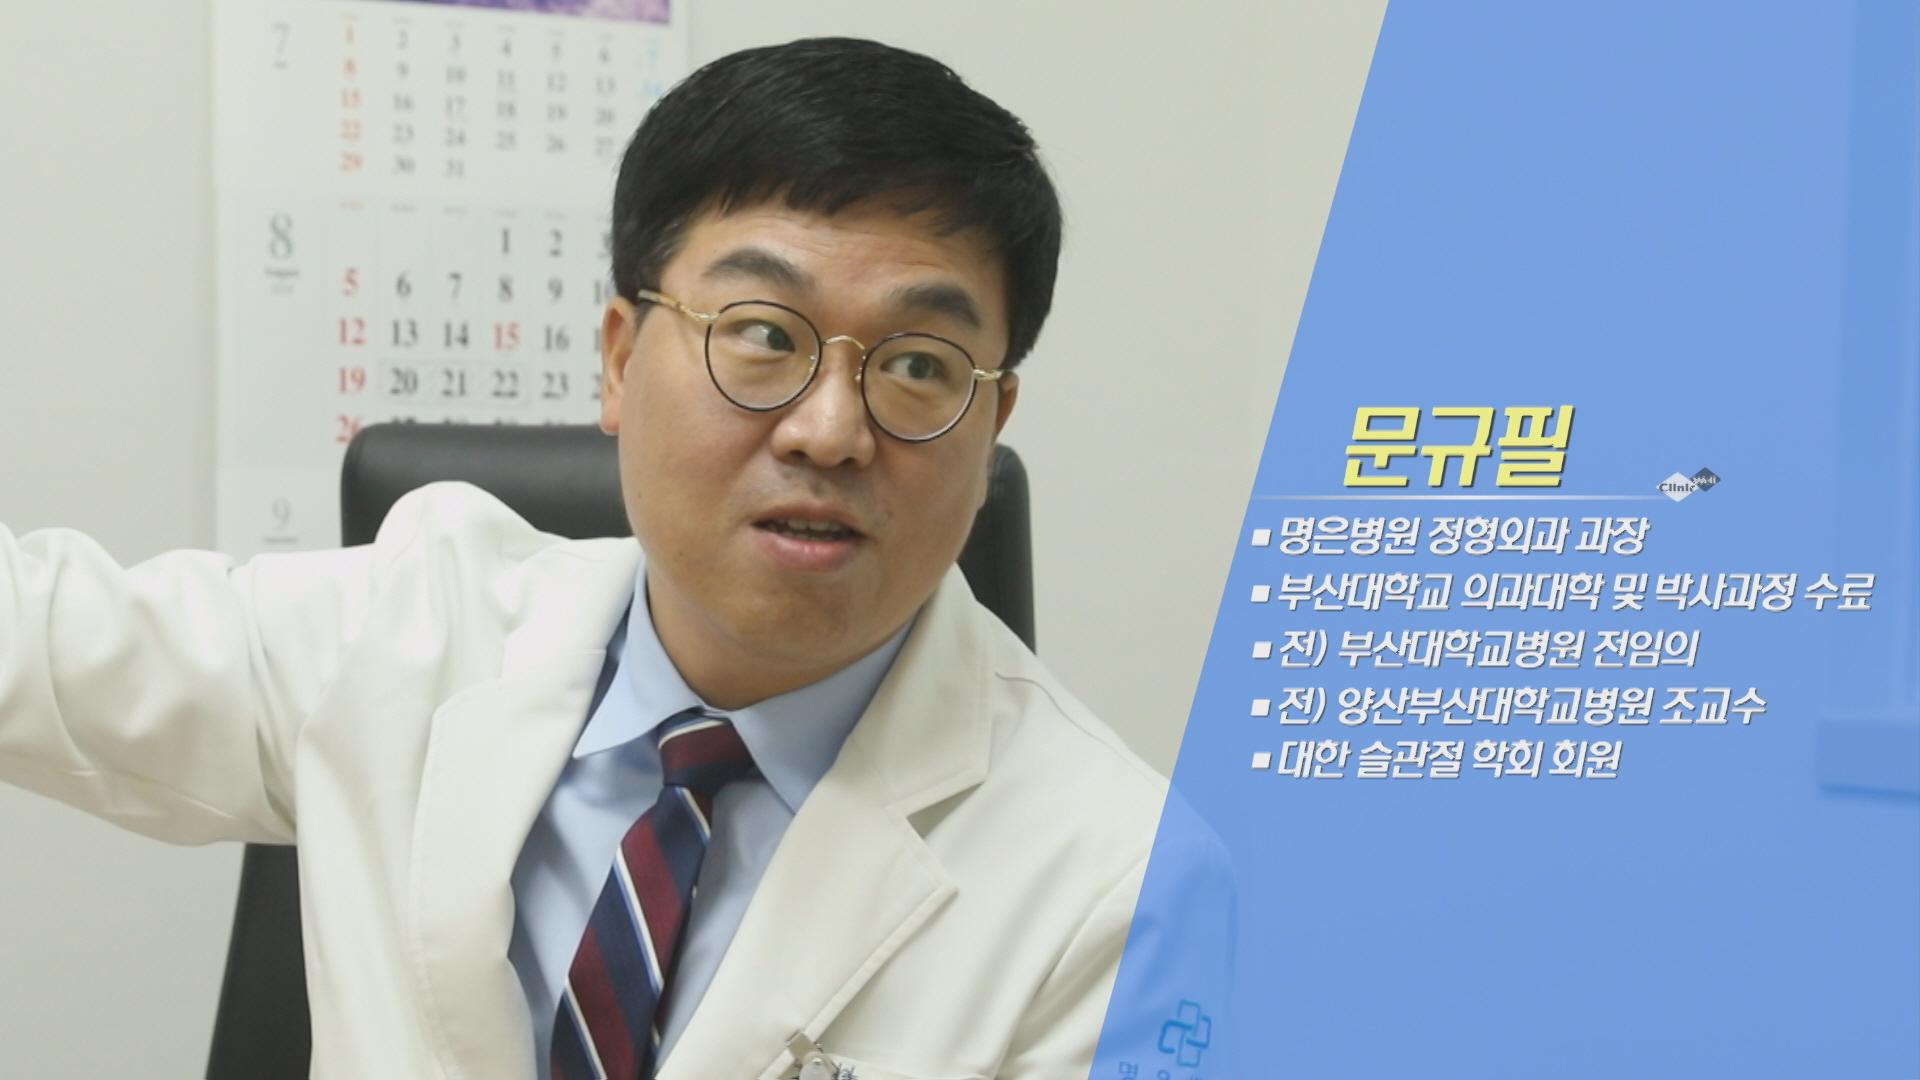 (08/25 방영) 퇴행성 관절염 ( 문규필 / 명은병원 정형외과 과장 )